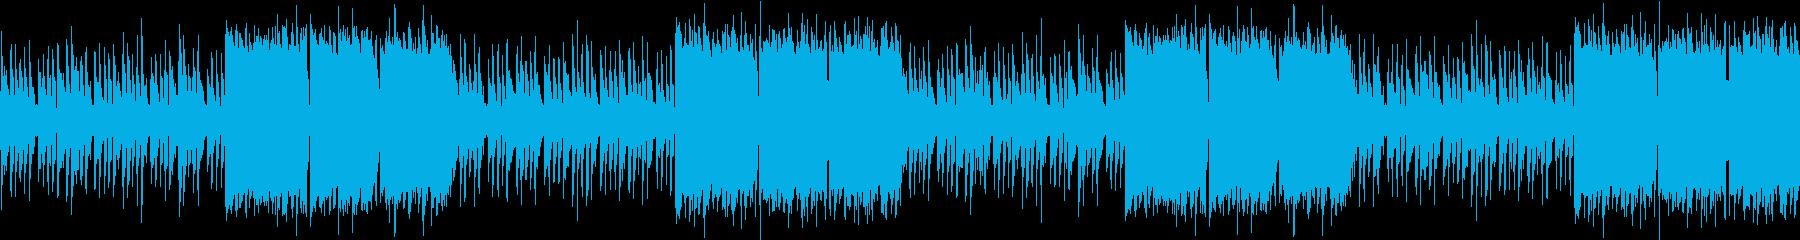 チップチューン系、レトロシンセ系の再生済みの波形